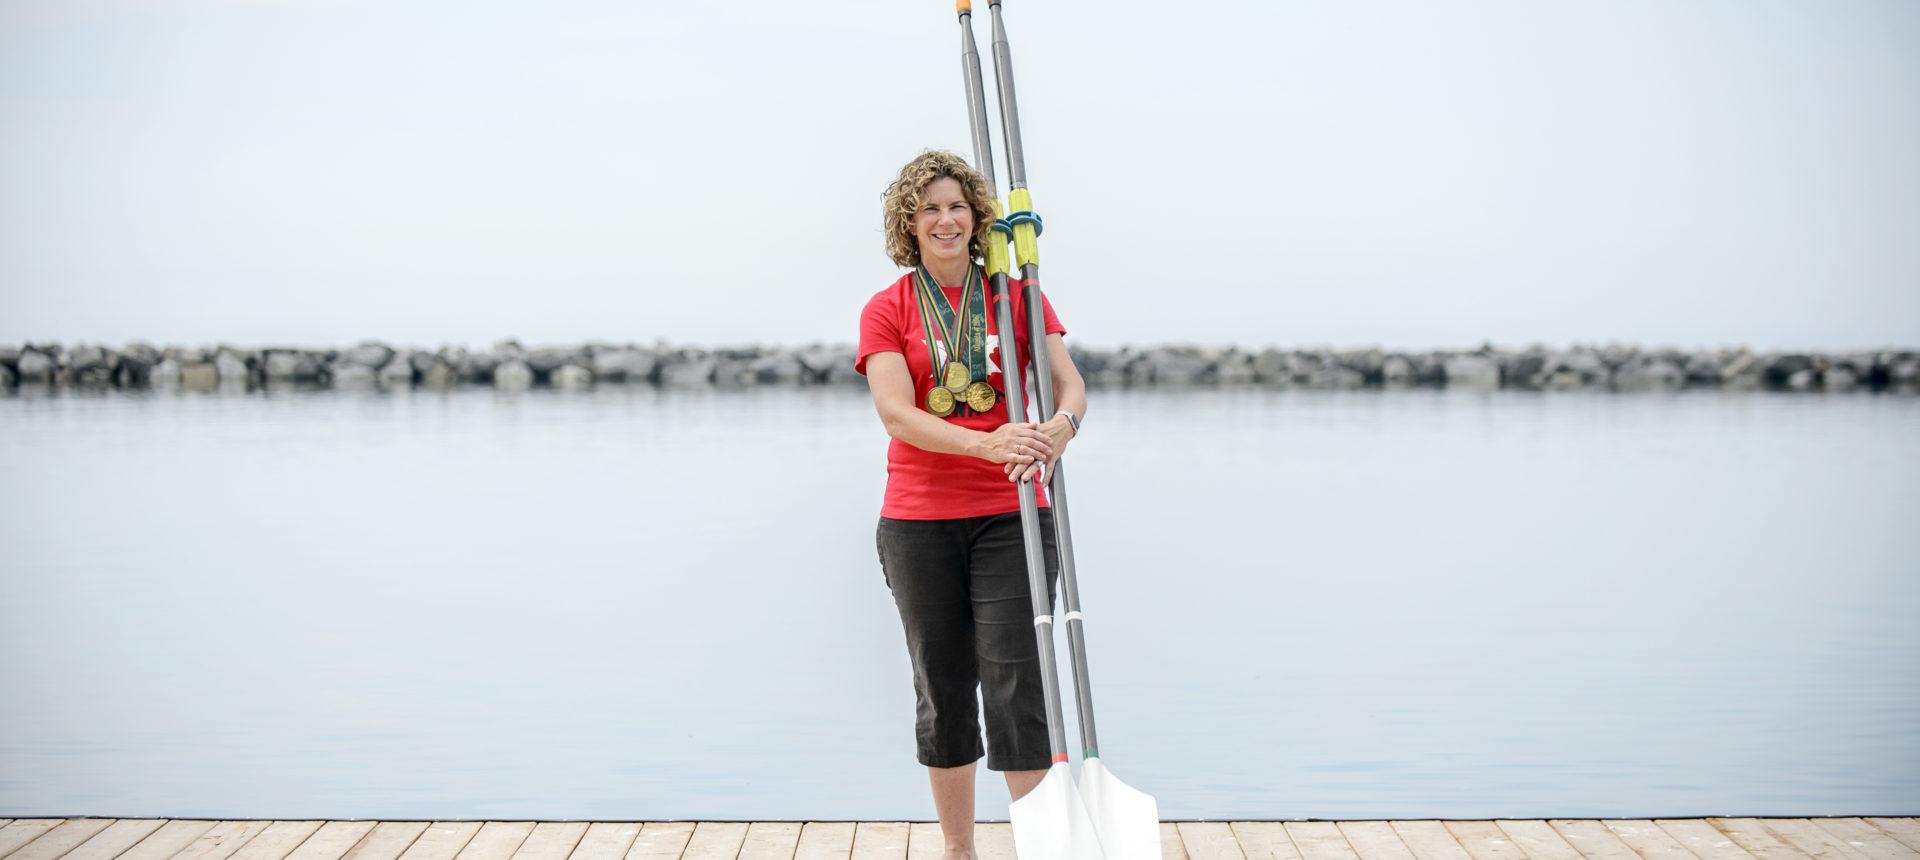 Marnie McBean nommée chef de mission d'Équipe Canada